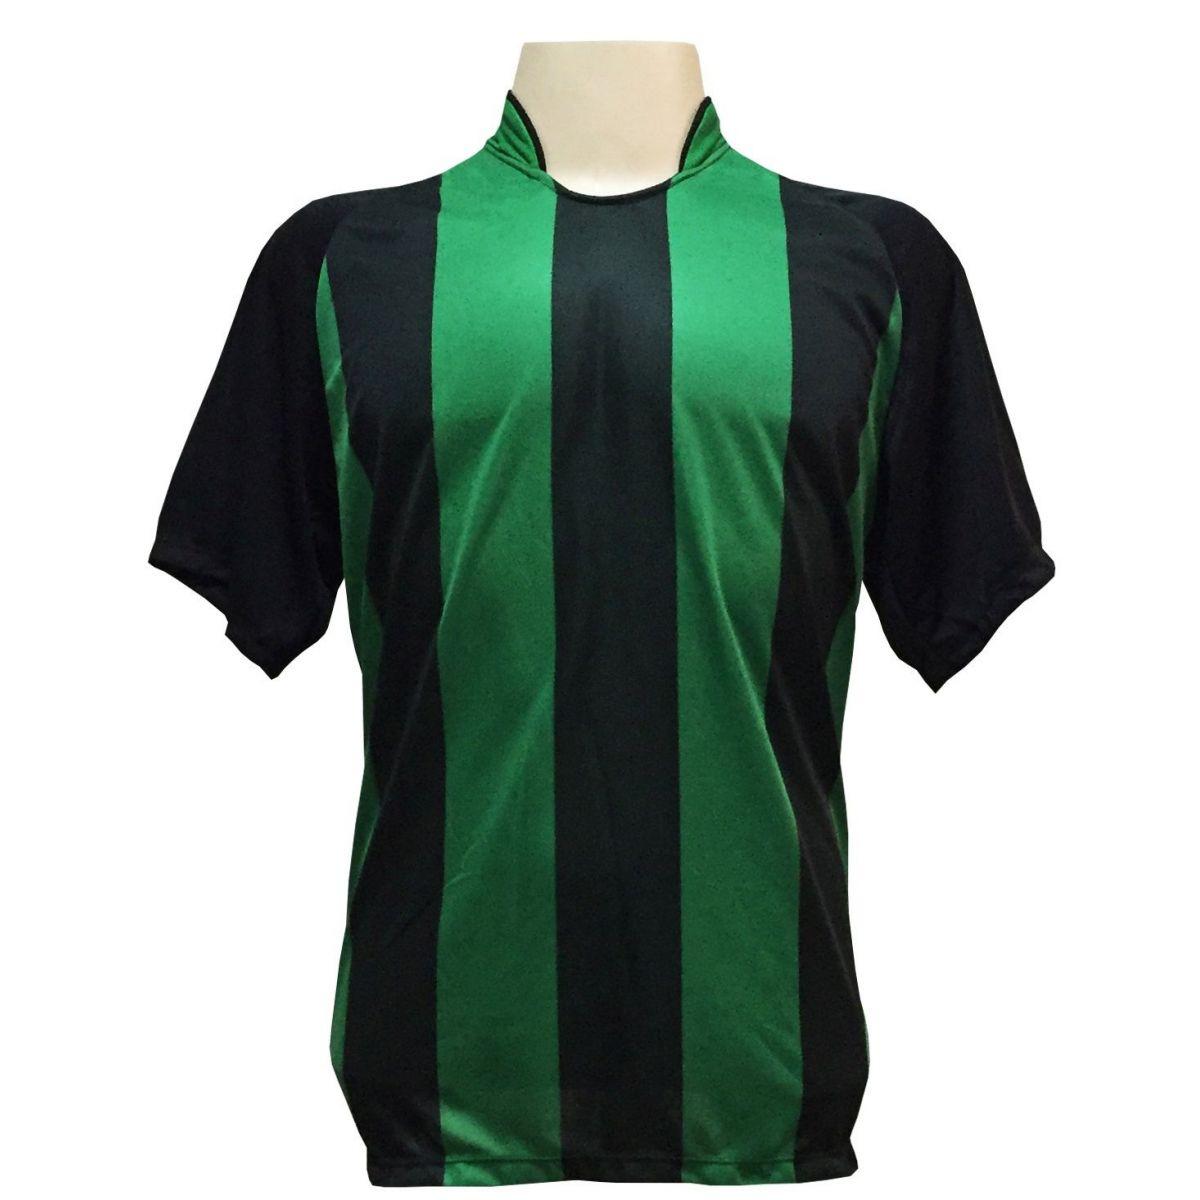 Uniforme Esportivo com 12 camisas modelo Milan Preto/Verde + 12 calções modelo Madrid Preto + Brindes